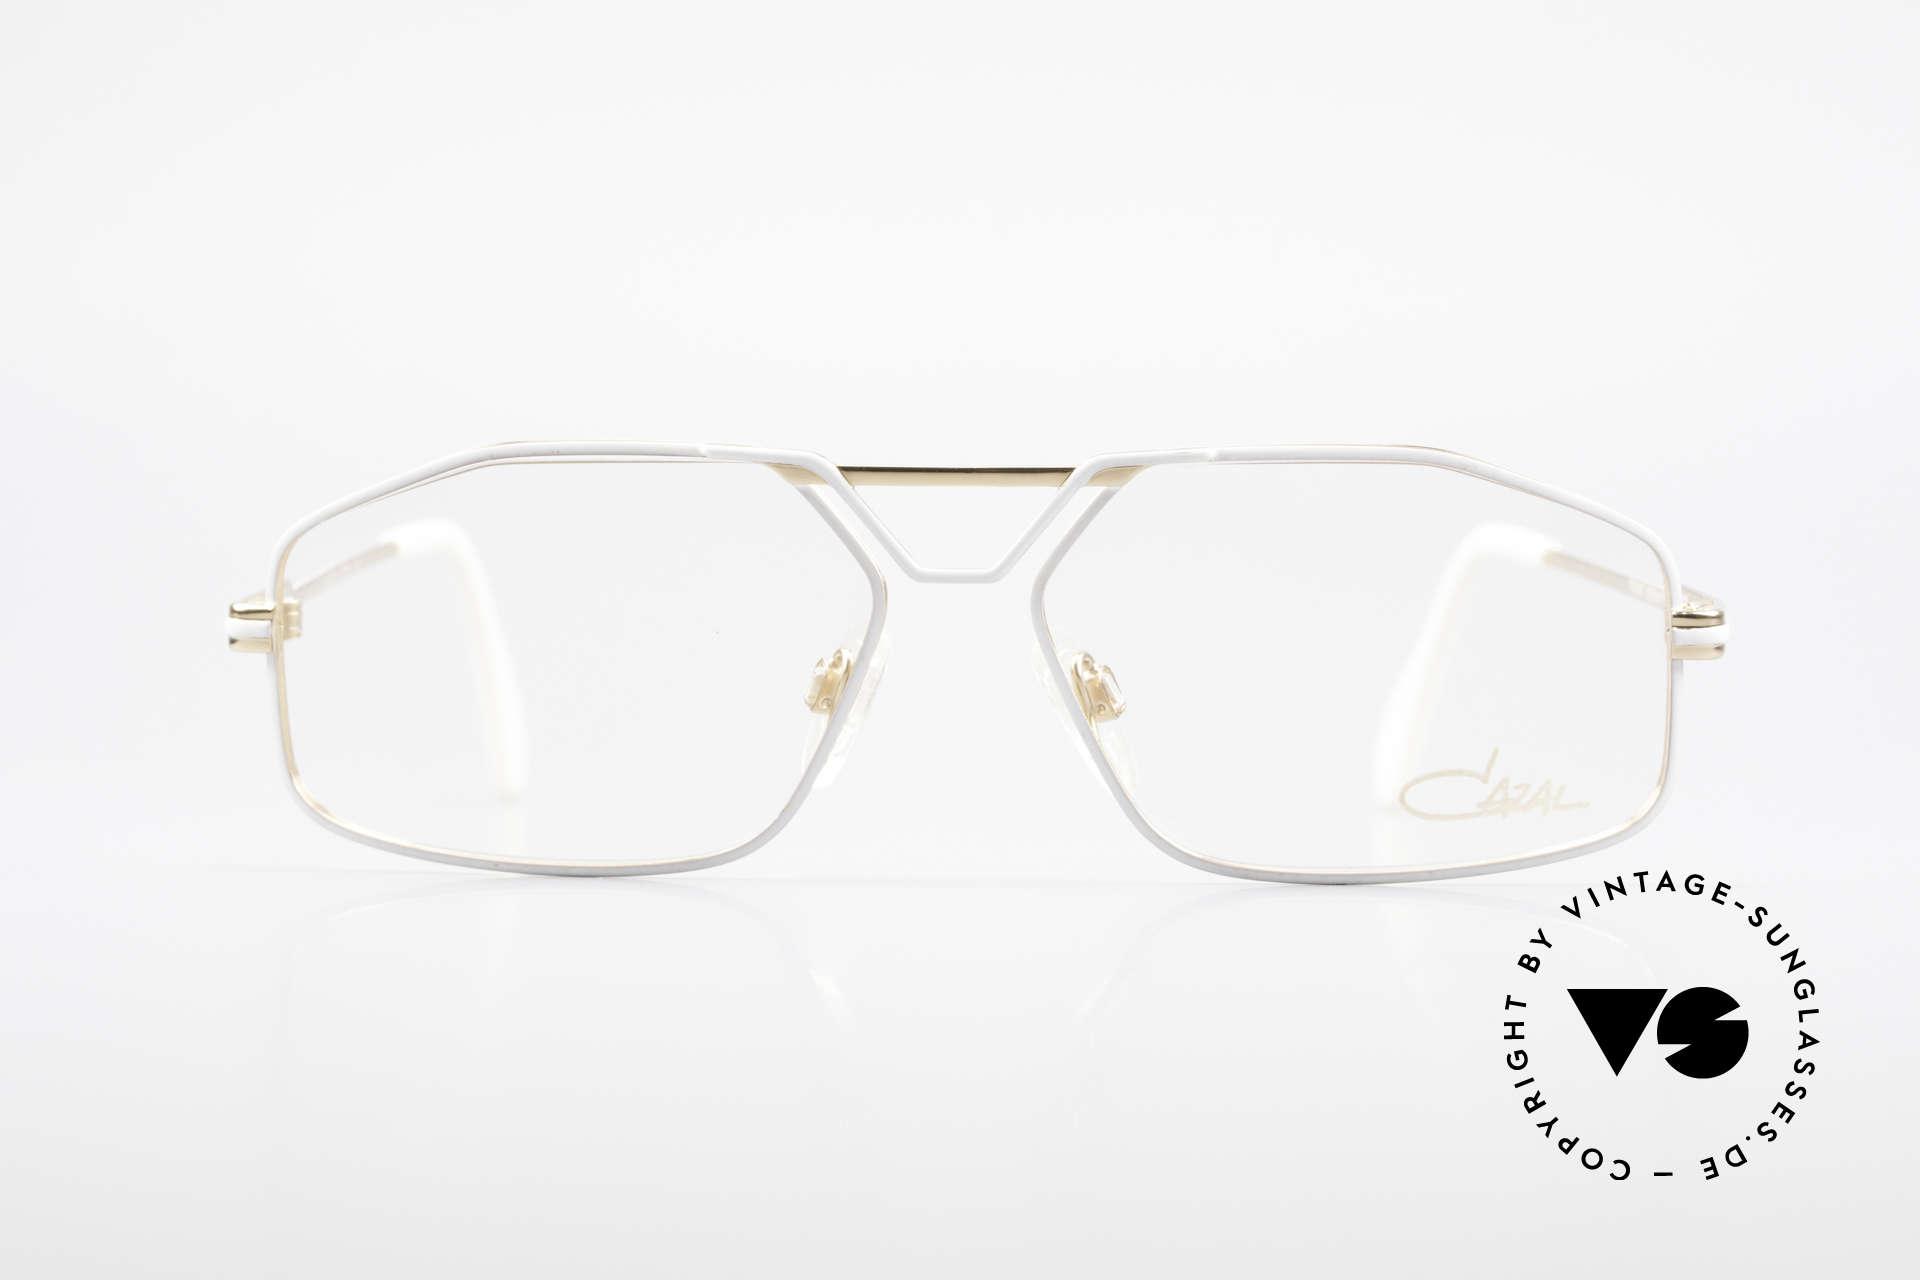 Cazal 729 Vintage Specs NO Retro Frame, model 729, color 332/1, 57-14, 140 (West Germany), Made for Men